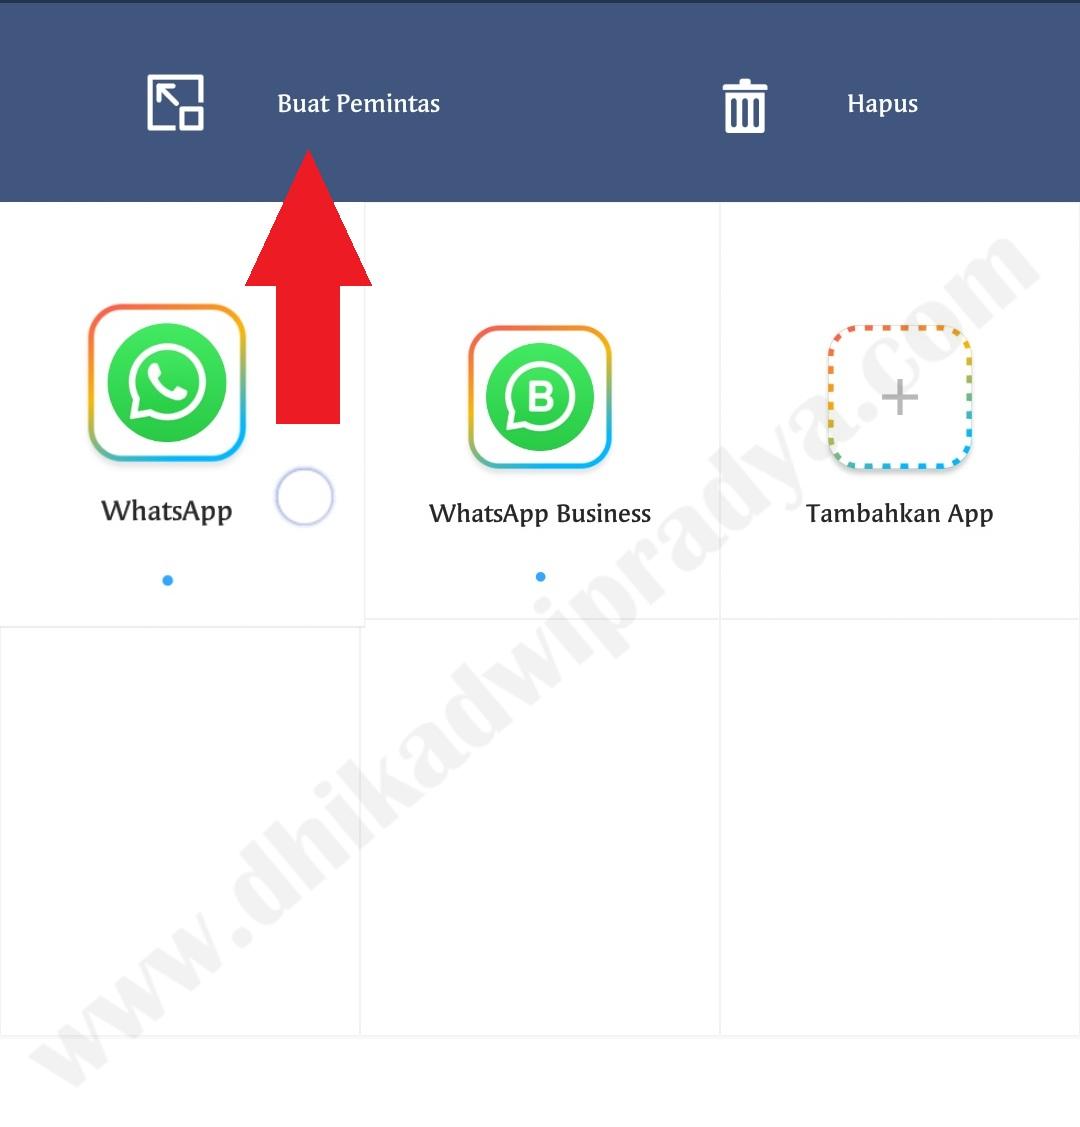 cara-mengkloning-5-aplikasi-whatsapp-dalam-1-android7-dhikadwipradya